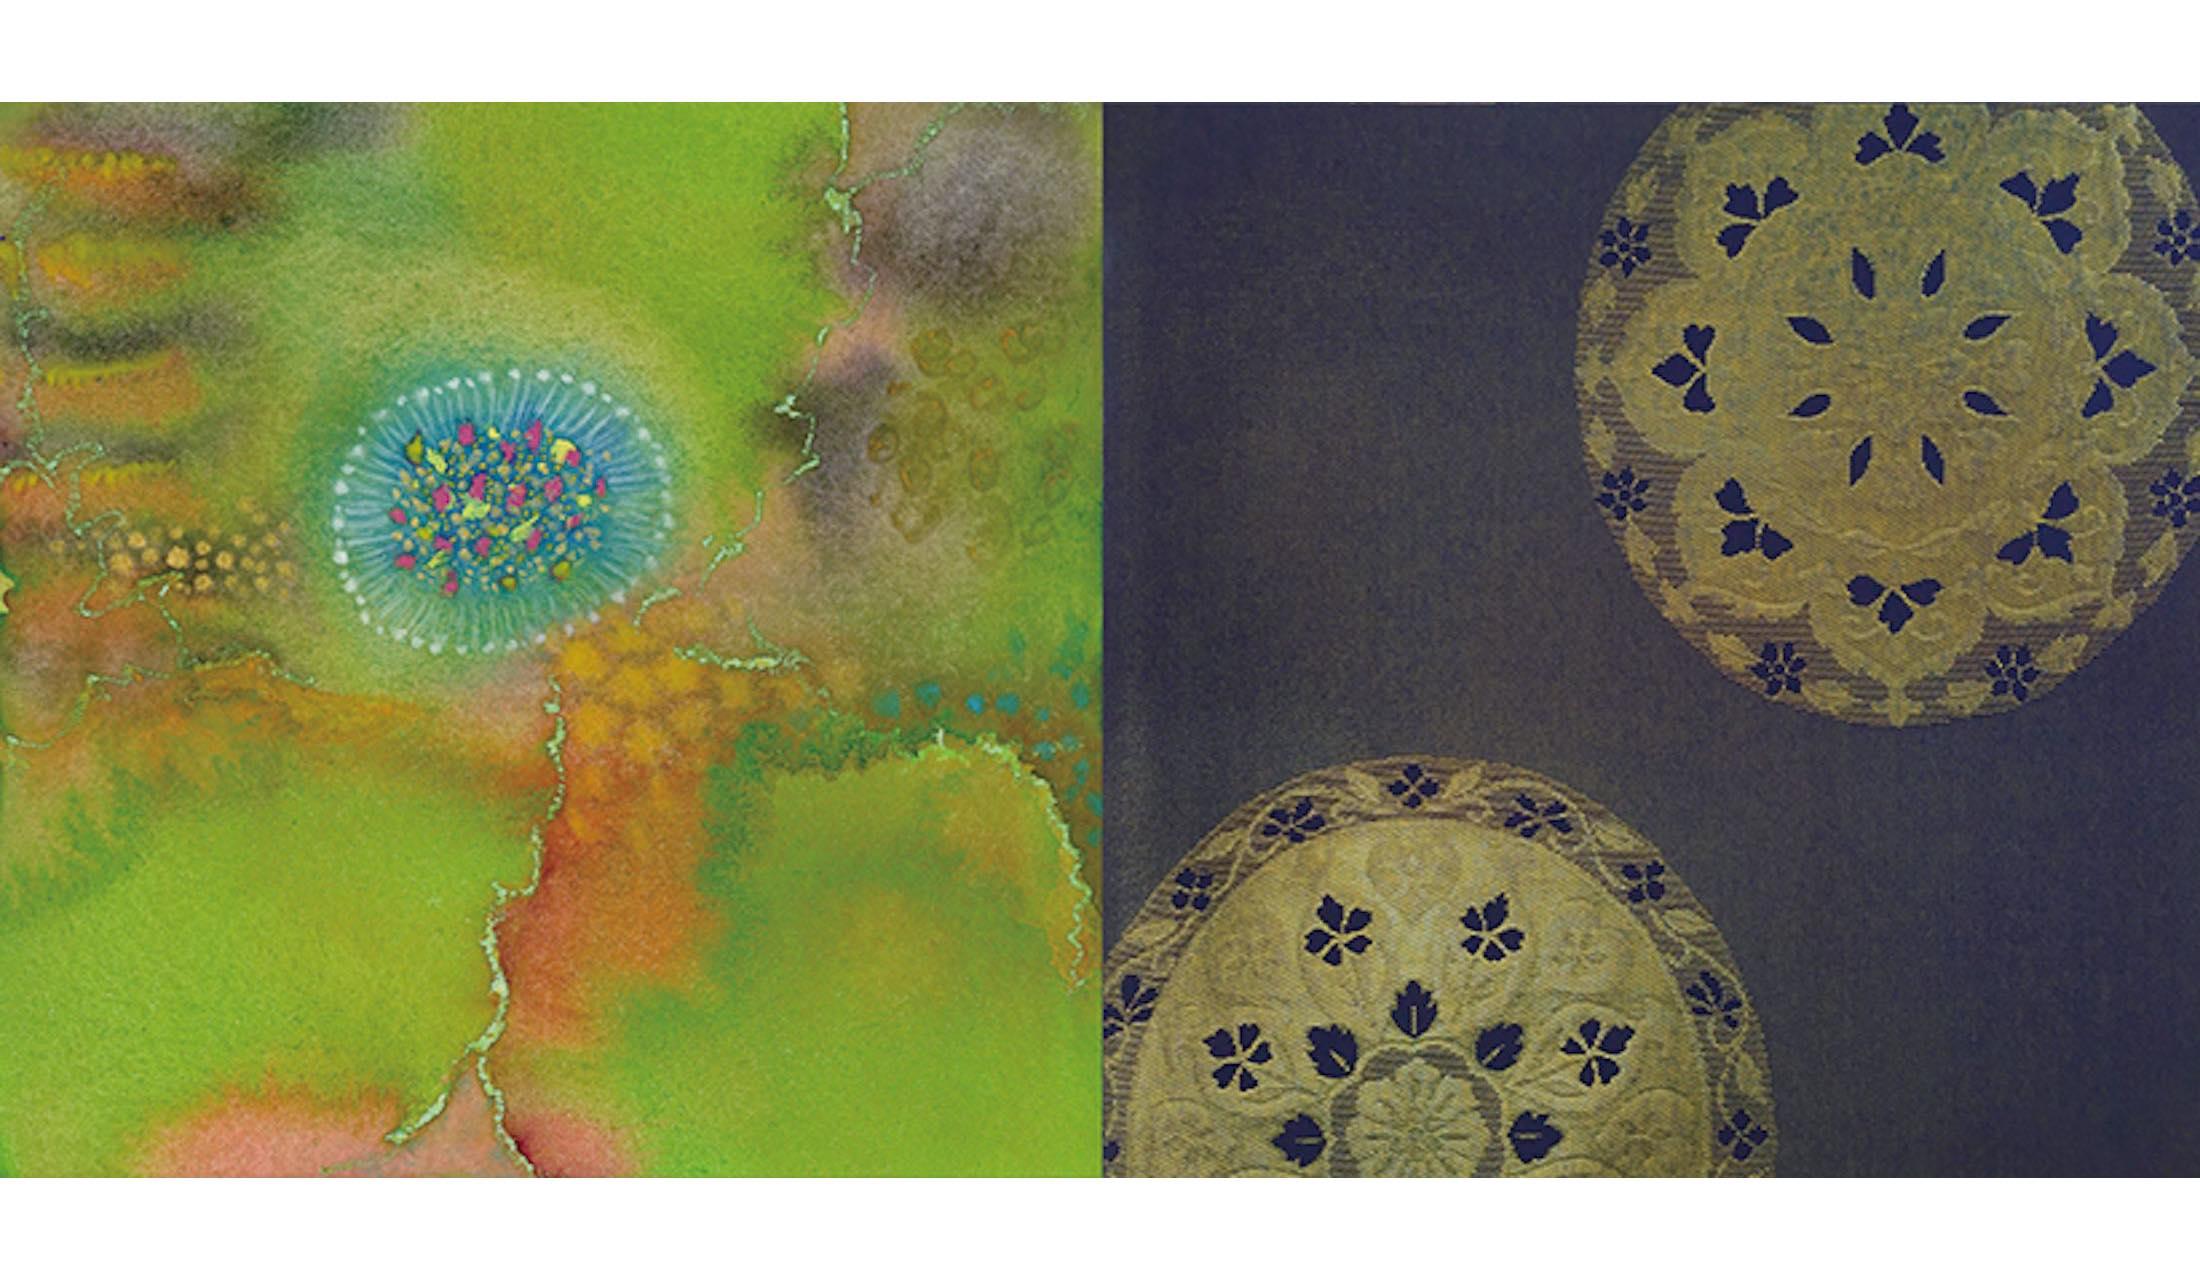 「儘花(まま はな)自由気ままにMAMAHANA-Dedicated to Flowers」の作品